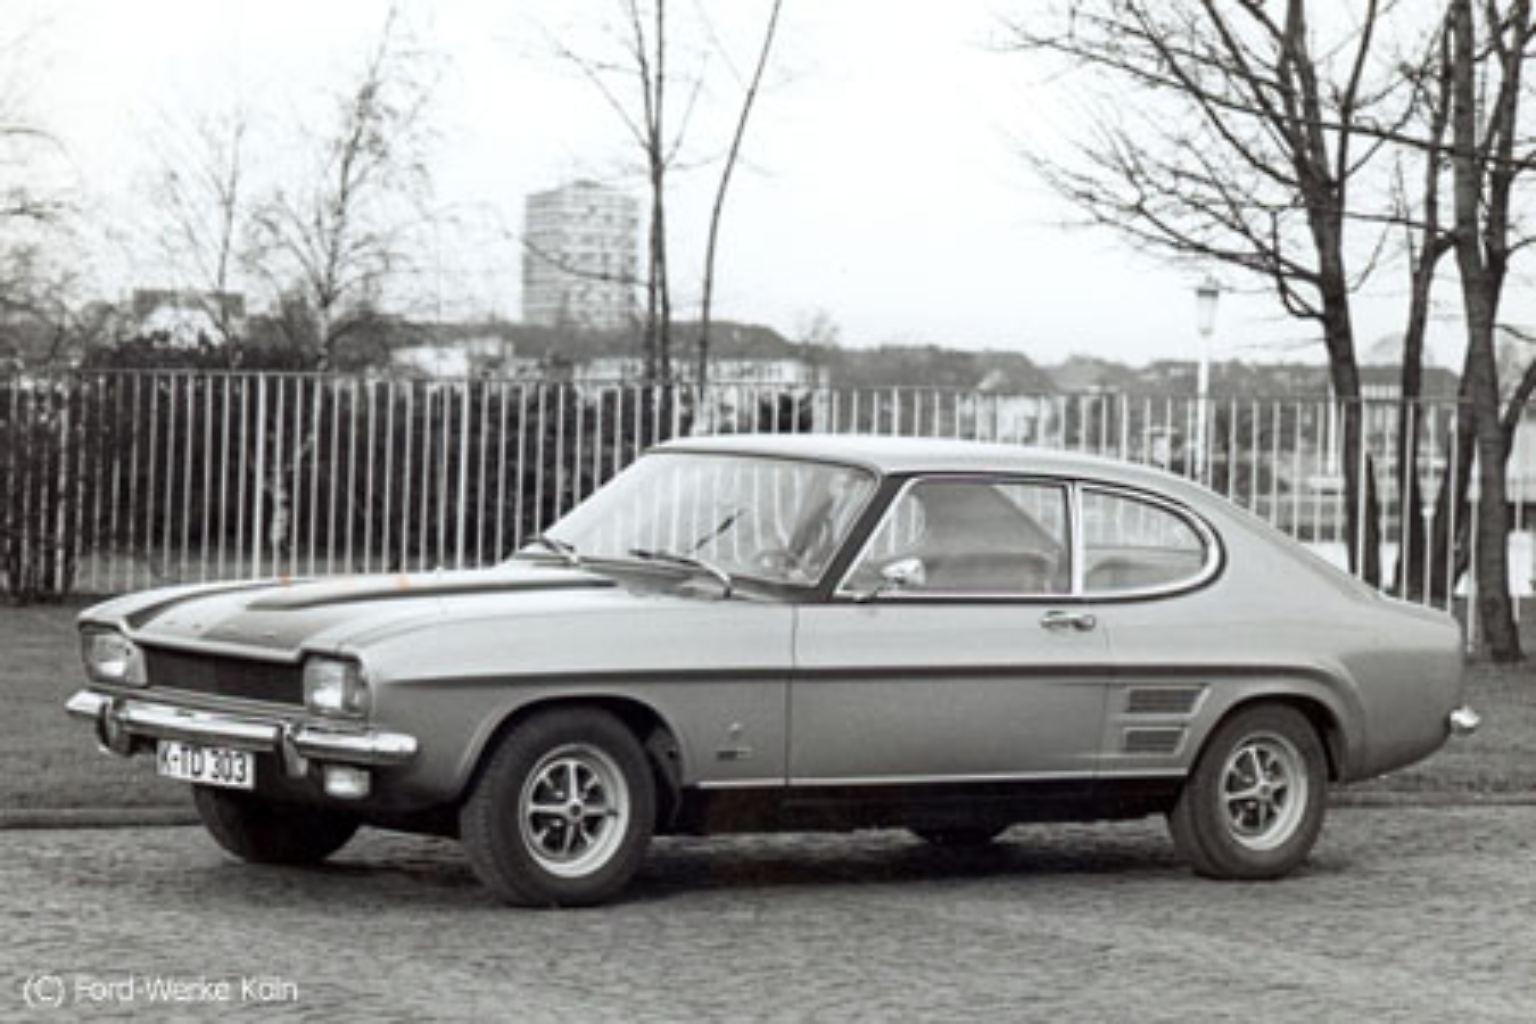 Nein, er hat nicht Geburtstag oder so. Das ist erst nächstes Jahr im November. Da wird der Ford Capri 40 Jahre alt - wenn man vom ersten Baujahr ausgeht. Offiziell vorgestellt wurde er 1969 beim Brüsseler Autosalon.